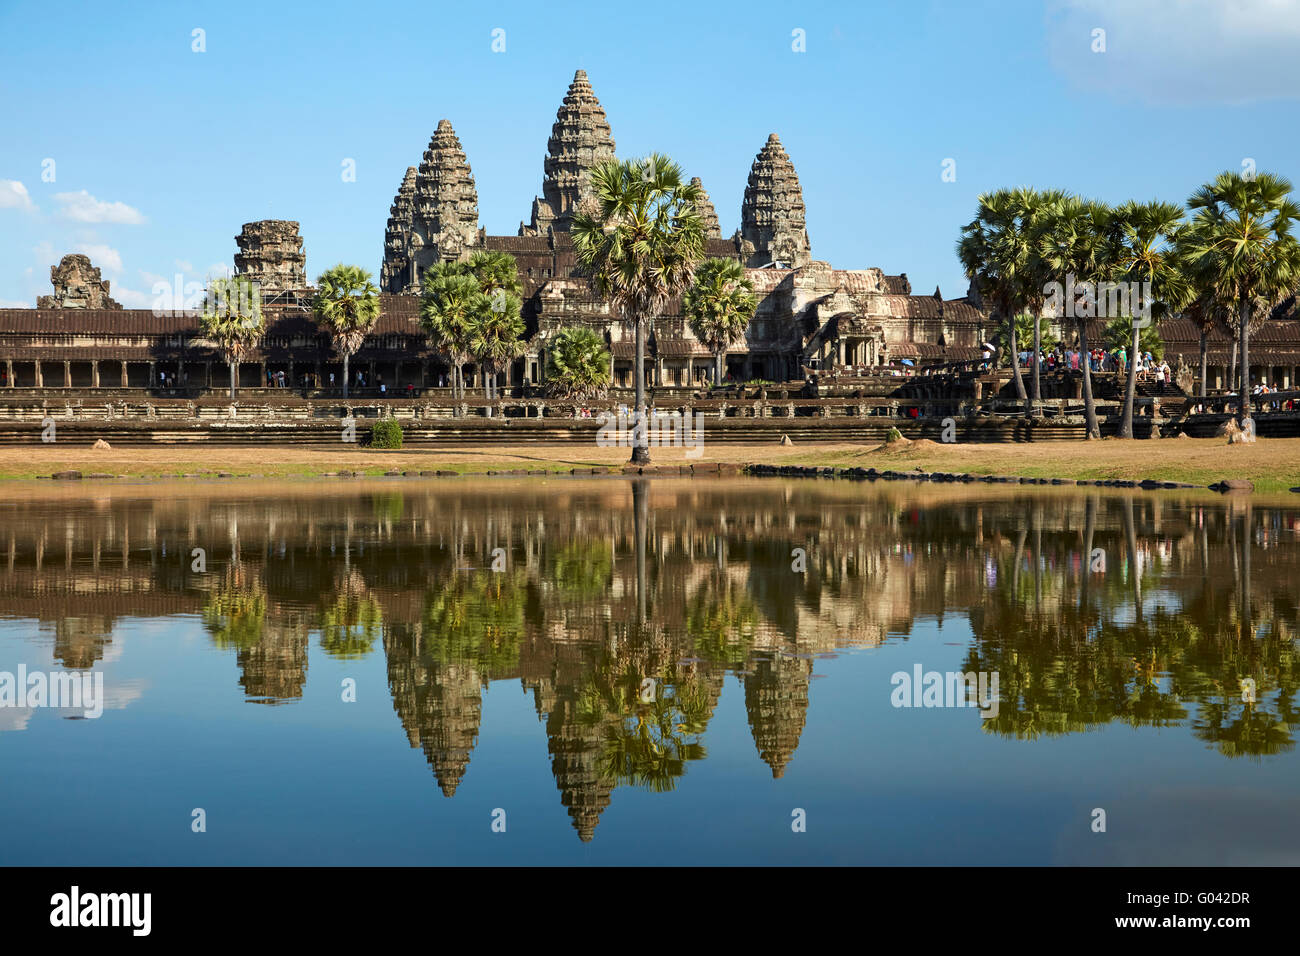 Complejo de templos de Angkor Wat (siglo XII), Sitio de Patrimonio Mundial de Angkor, Siem Reap, Camboya Foto de stock